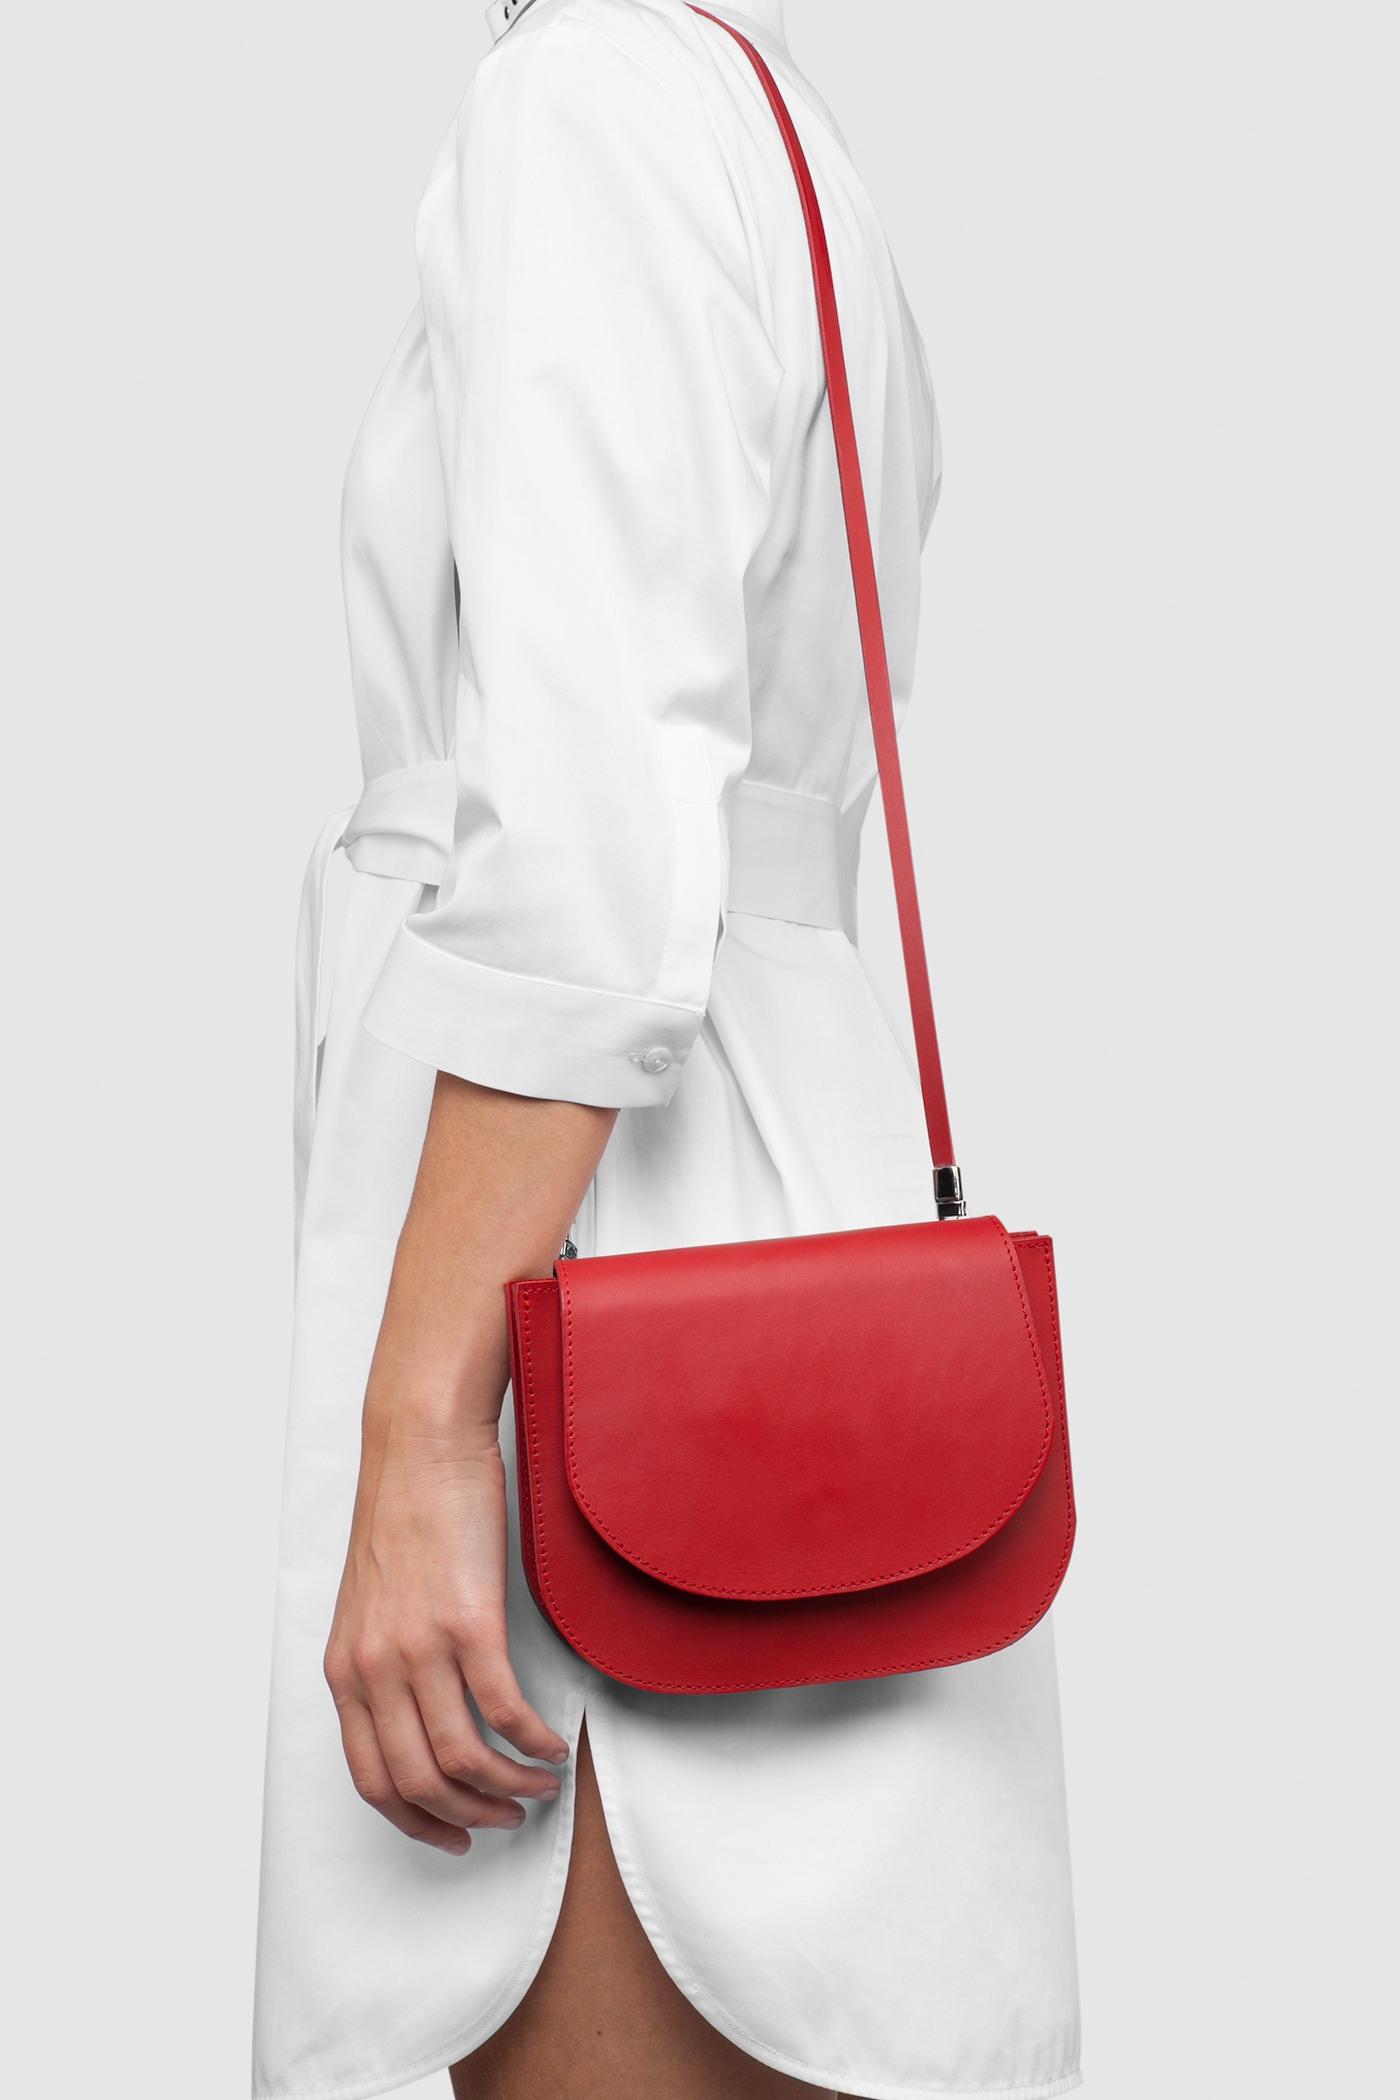 СумкаНебольшая сумка из плотной кожи с серебряной фурнитурой.Два внутренних отделения.Съемный ремешок через плечо. Закрывается на магнитную кнопку. В комплекте ремень для того, чтобы носить сумку на поясе.&#13;<br>&#13;<br>Кожа: КРС.&#13;<br>&#13;<br>&#13;<br>размер сумки: 16х20,5 см&#13;<br>&#13;<br>помещается iPhone 6<br><br>Цвет: Красный, Черный